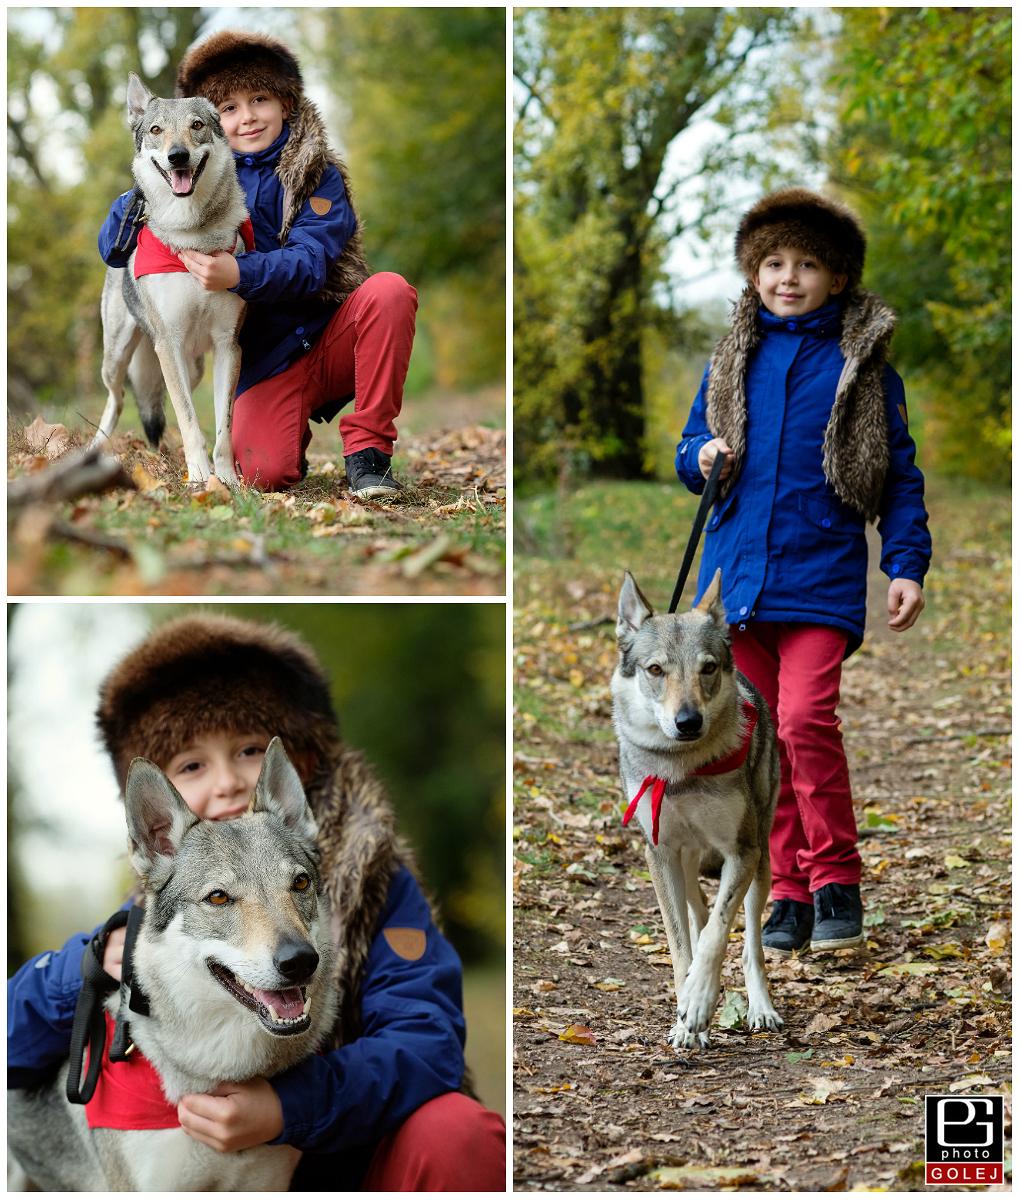 Vlk fotky